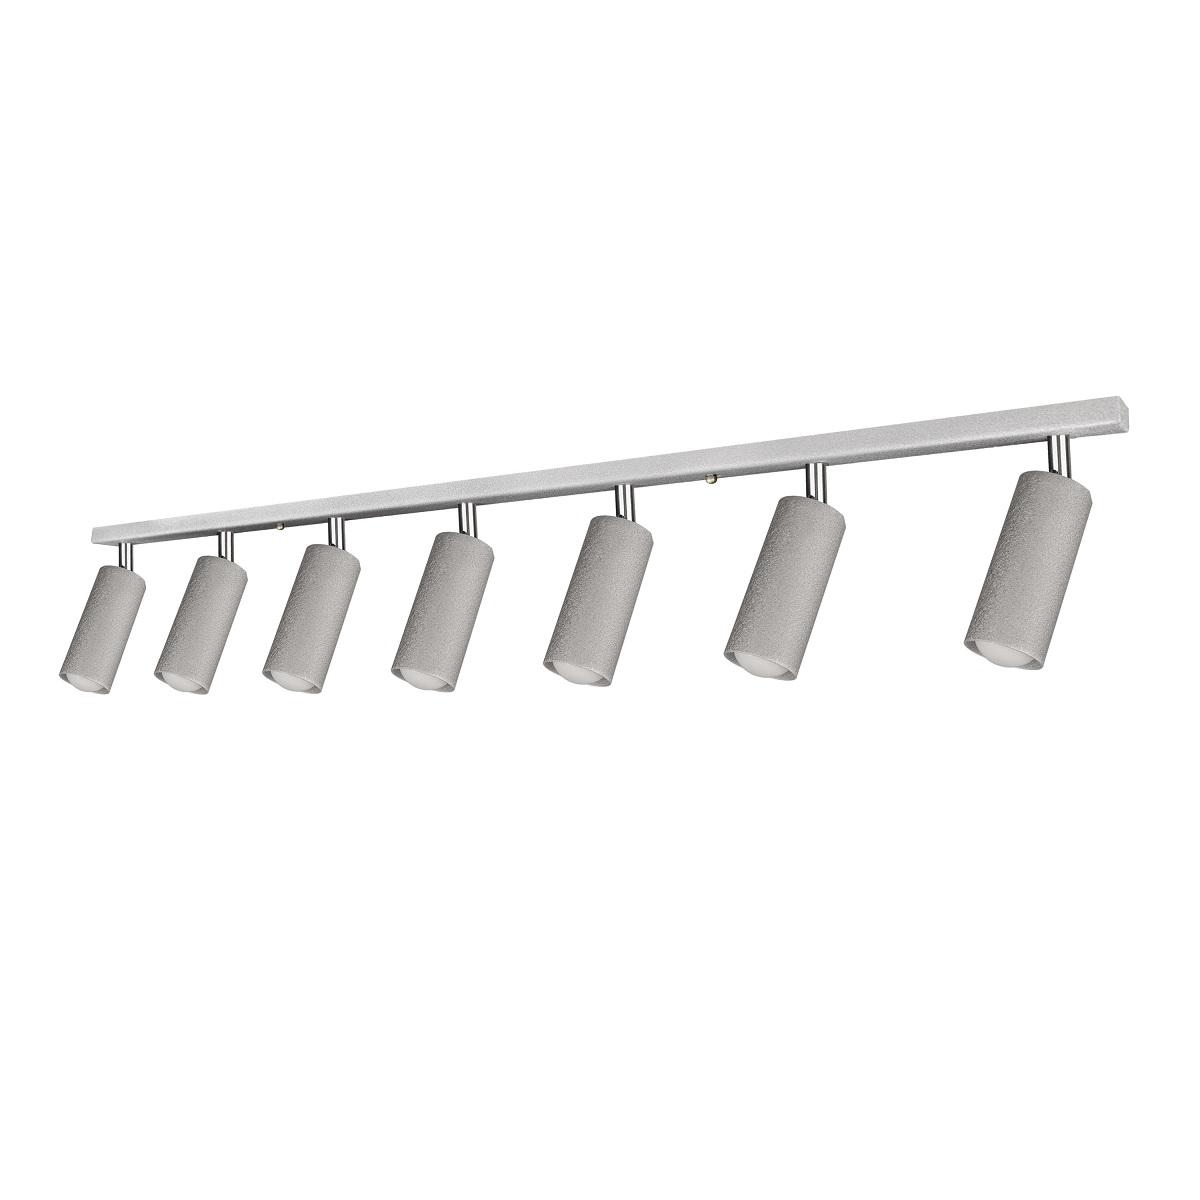 Світильники ЛОФТ - Люстра лофт потолочная с поворотным плафоном 000002759 - Фото 1